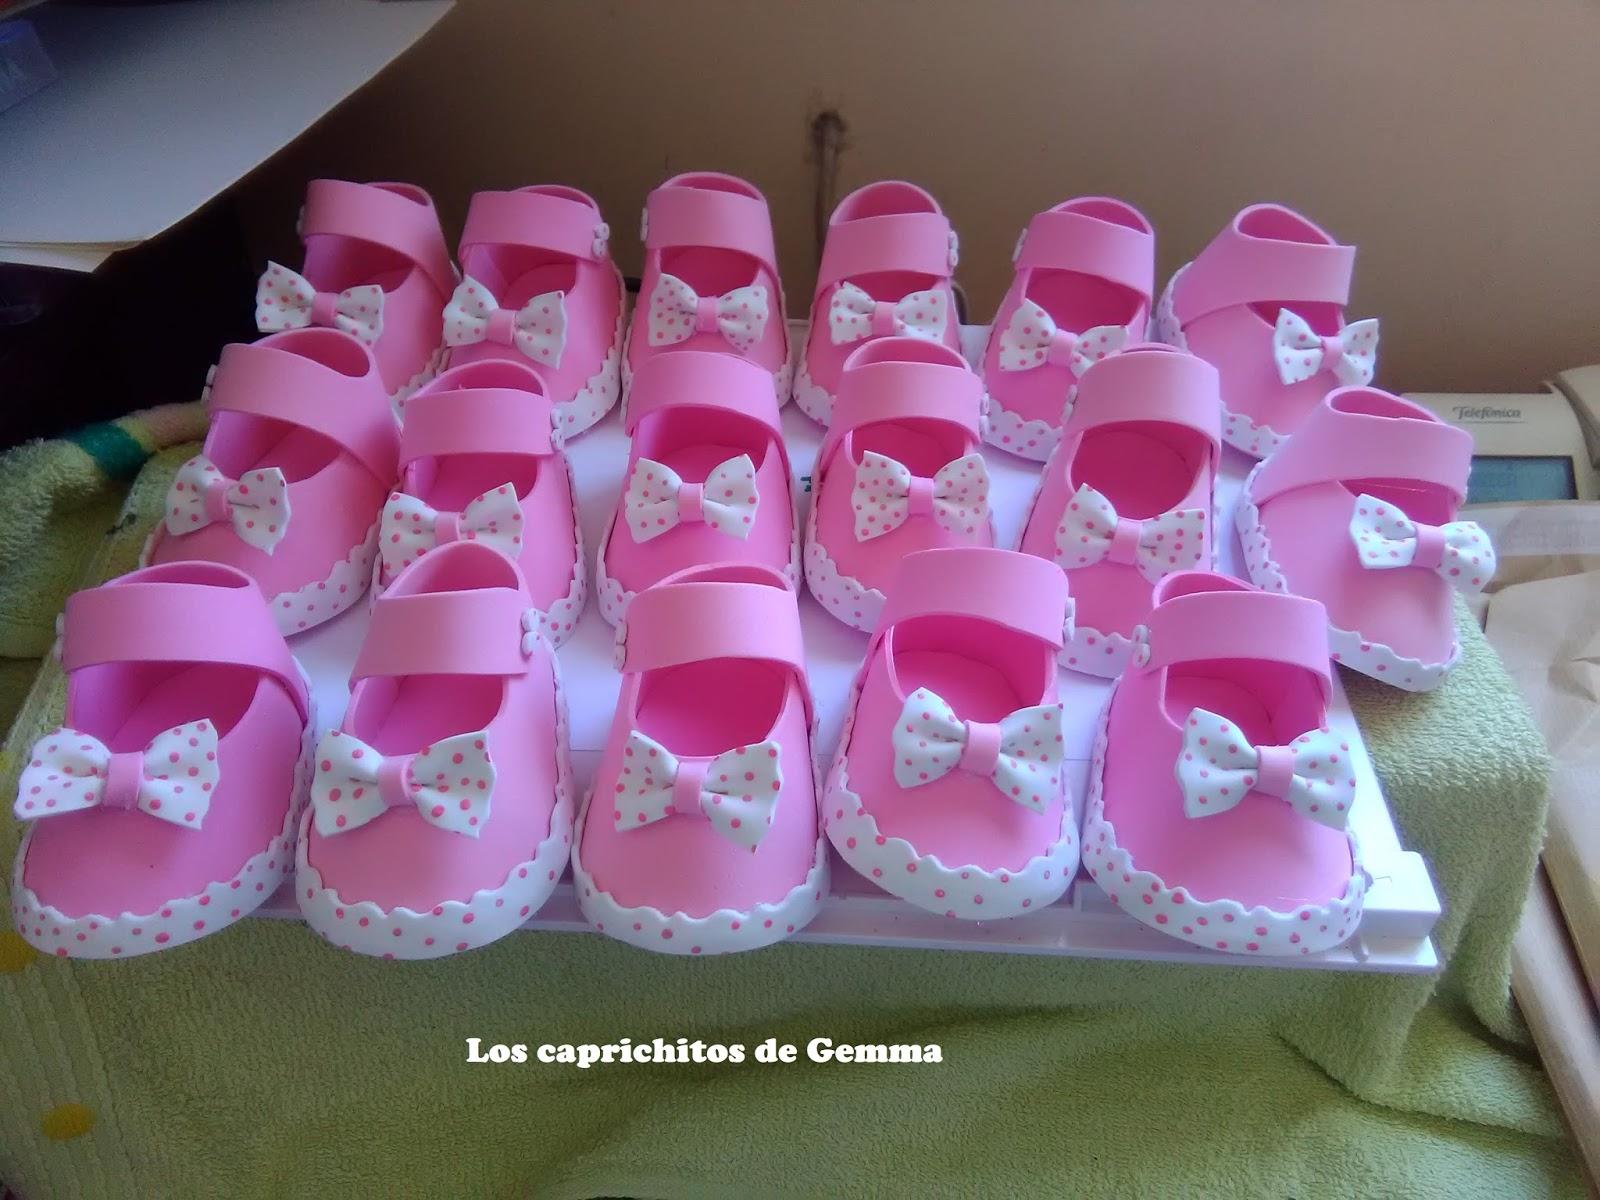 Los caprichitos de gemma zapatitos goma eva detalles bautizo baby shower - Detalles para baby shower ...